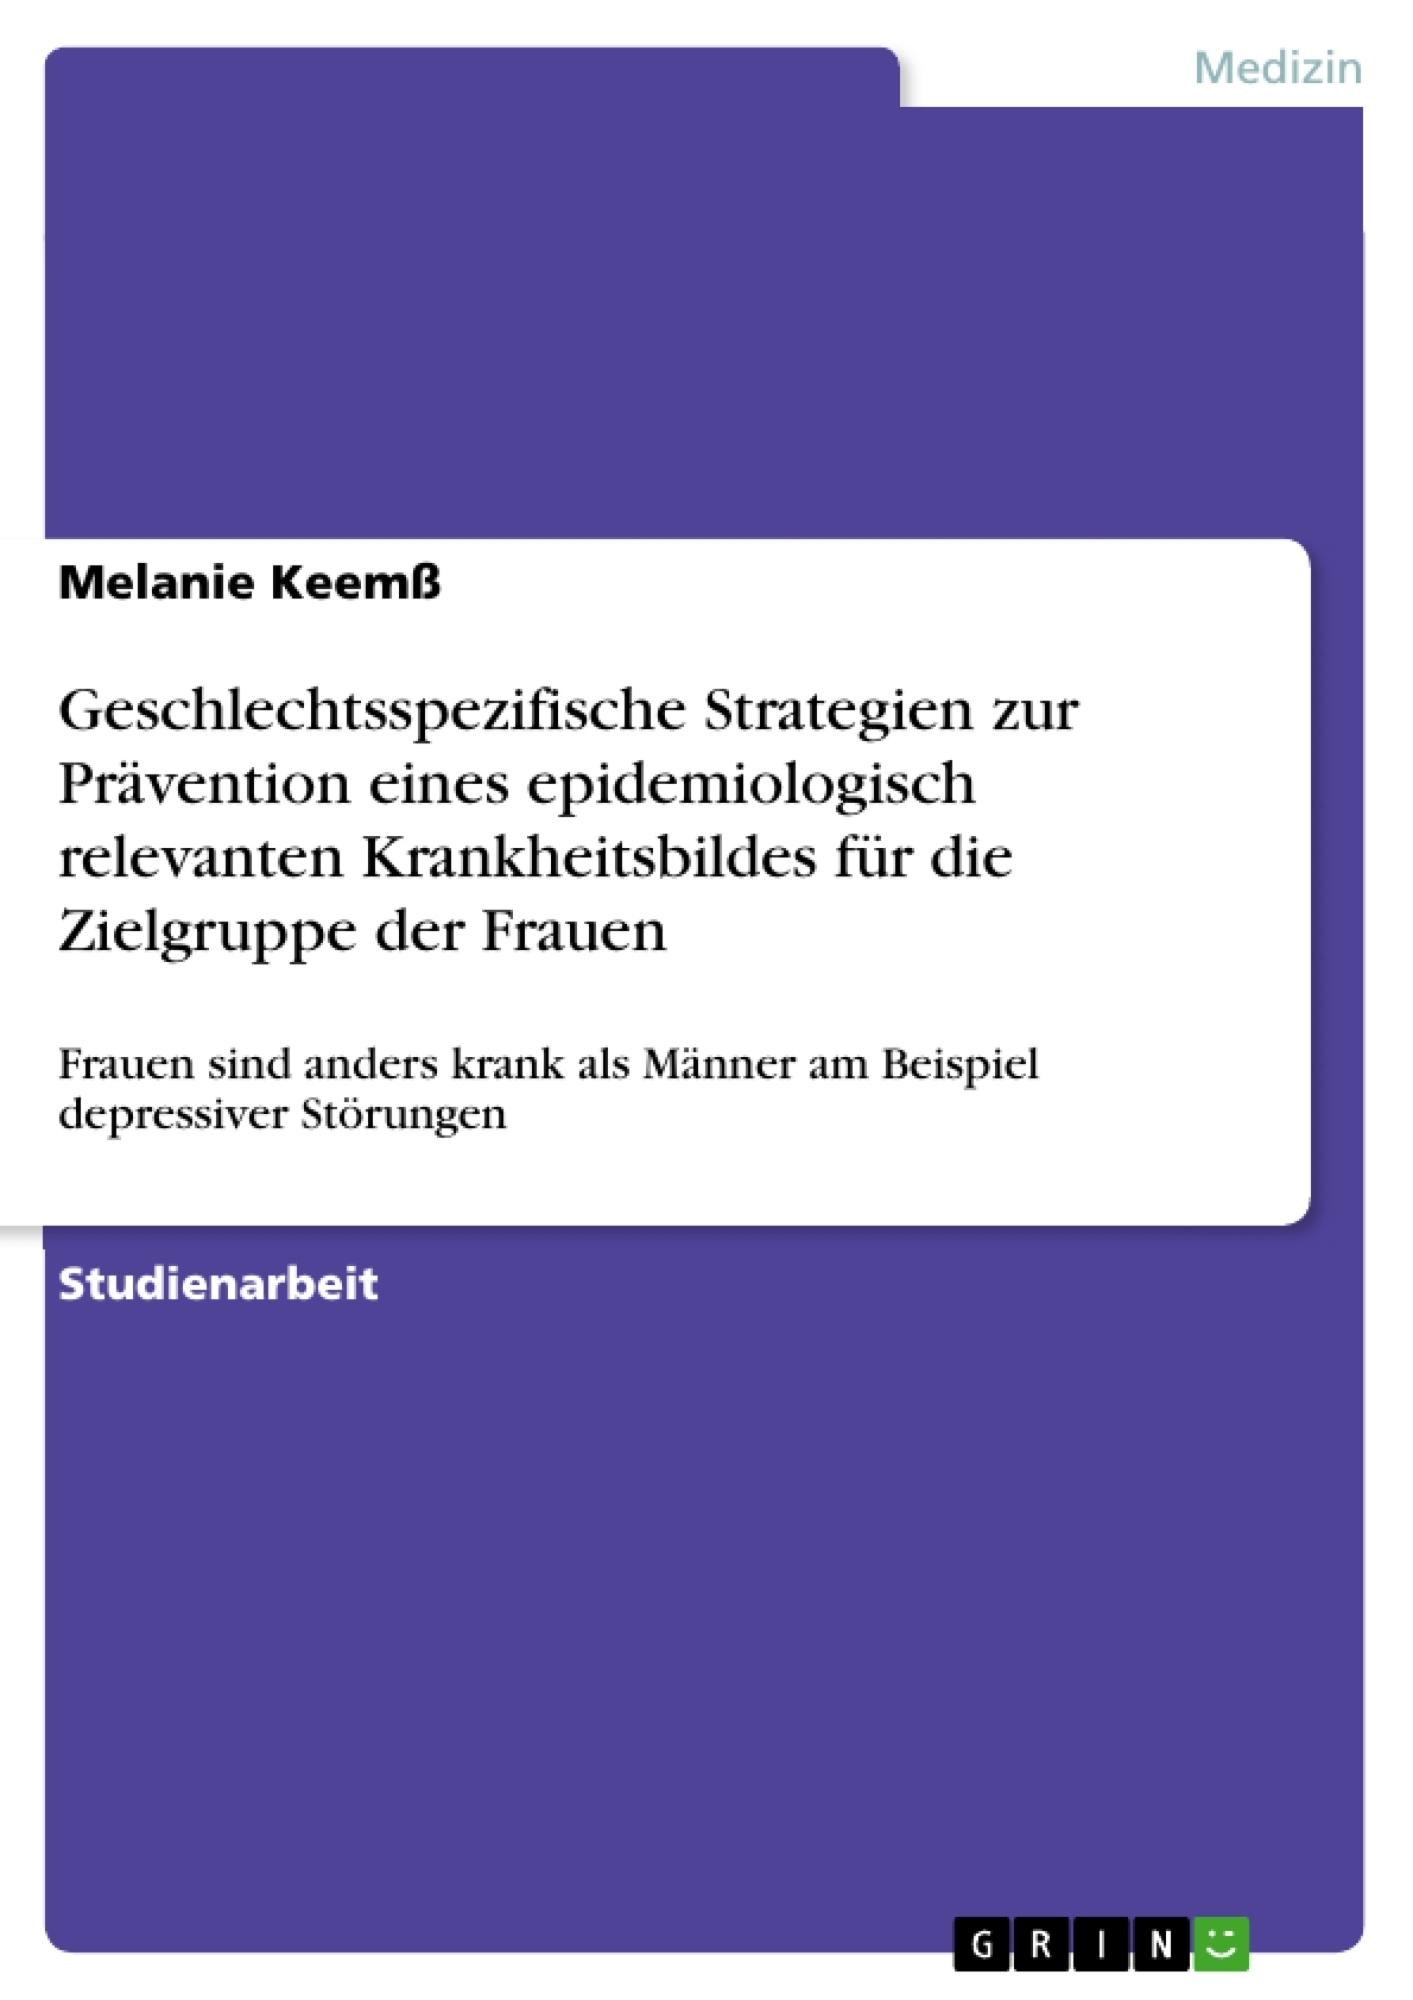 Titel: Geschlechtsspezifische Strategien zur Prävention eines epidemiologisch relevanten Krankheitsbildes für die Zielgruppe der Frauen